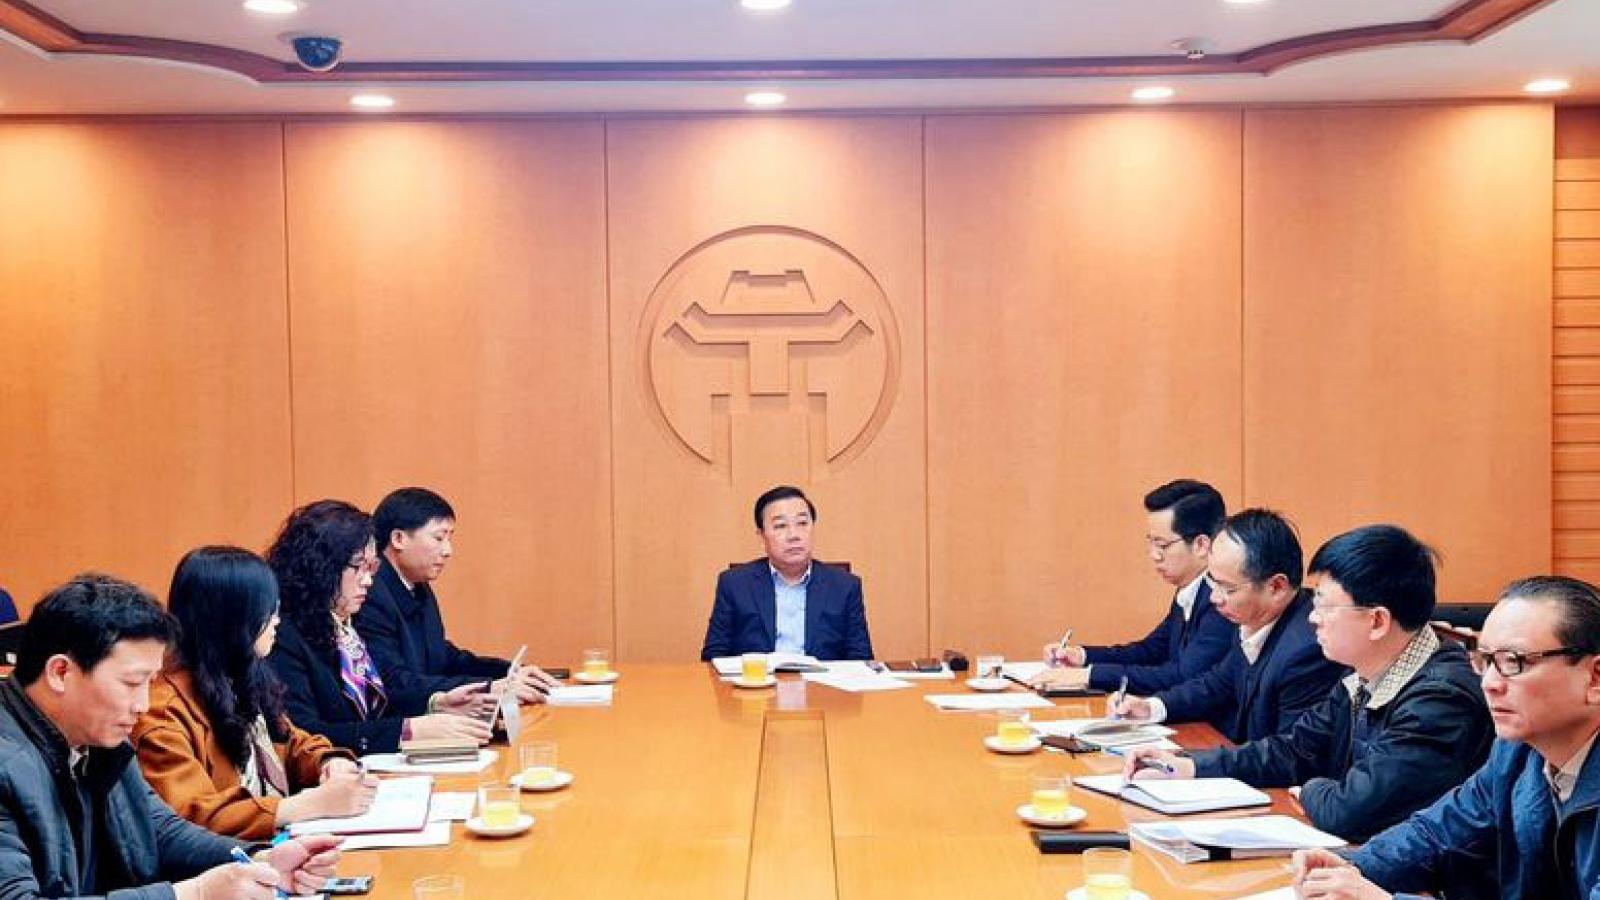 Hà Nội sẽ họp báo định kỳ cung cấp thông tin cho báo chí